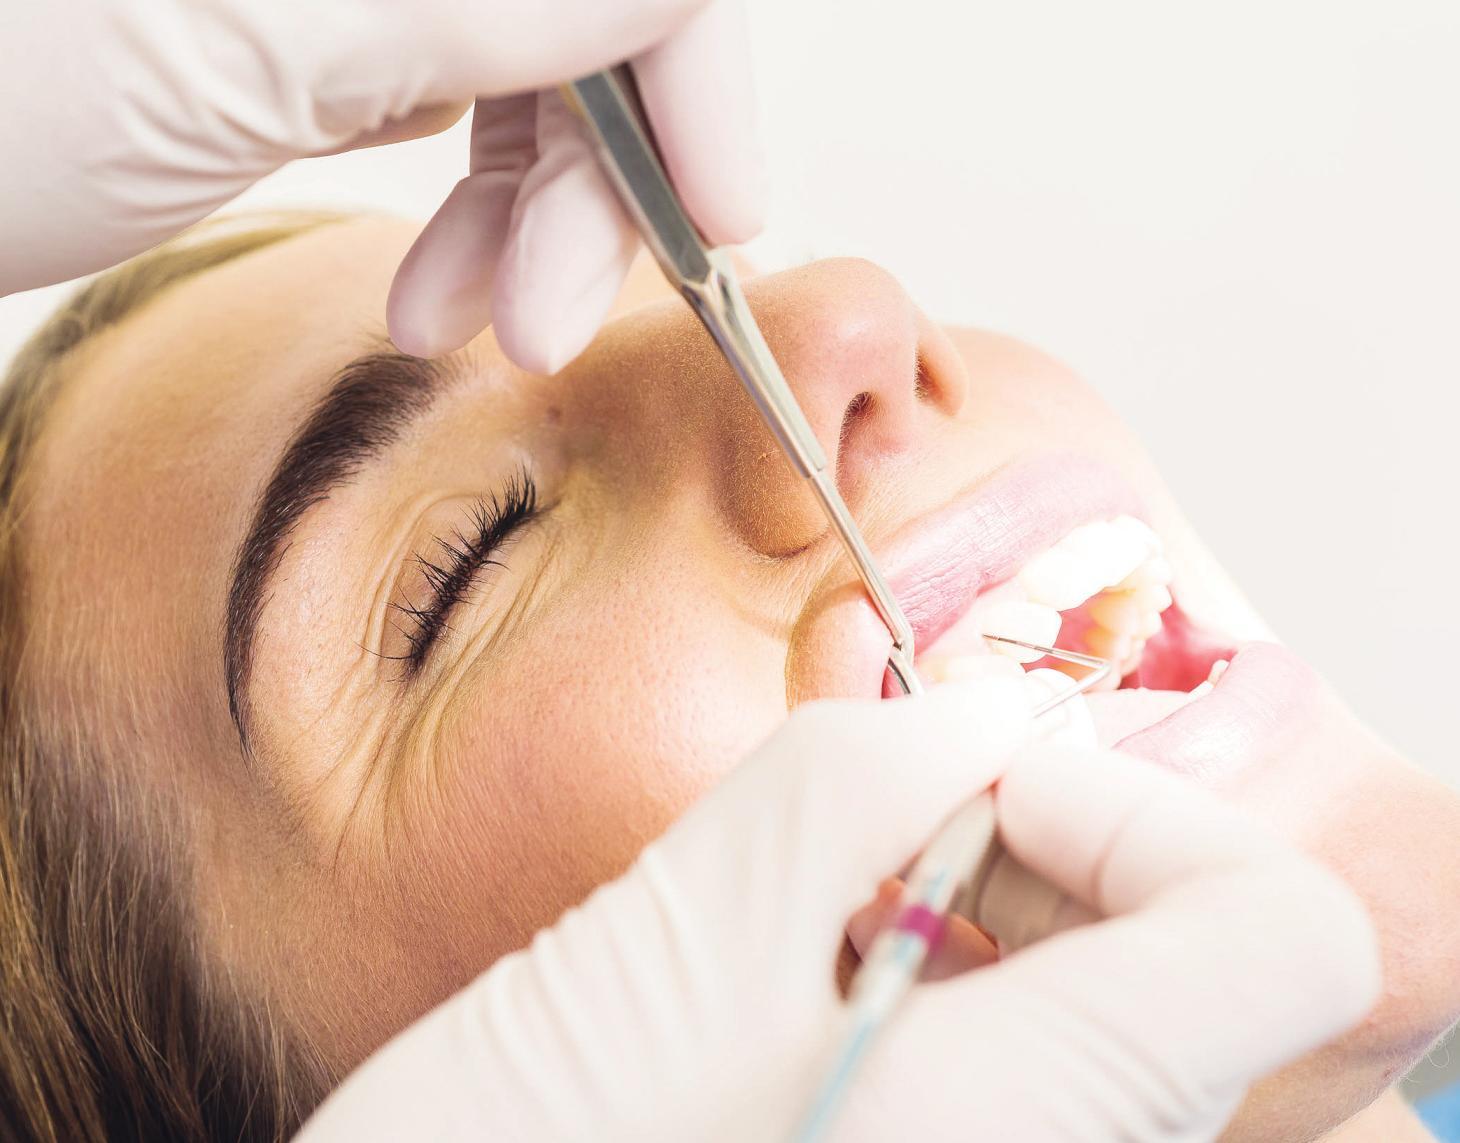 Mit einem PSI-Test misst der Zahnarzt die Tiefe der Taschen. Das ist der Bereich zwischen Zähnen und Zahnfleisch. Das Zahnfleisch entzündet sich schleichend und bleibt auch in diesem Zustand lange schmerzfreiFoto: proDente